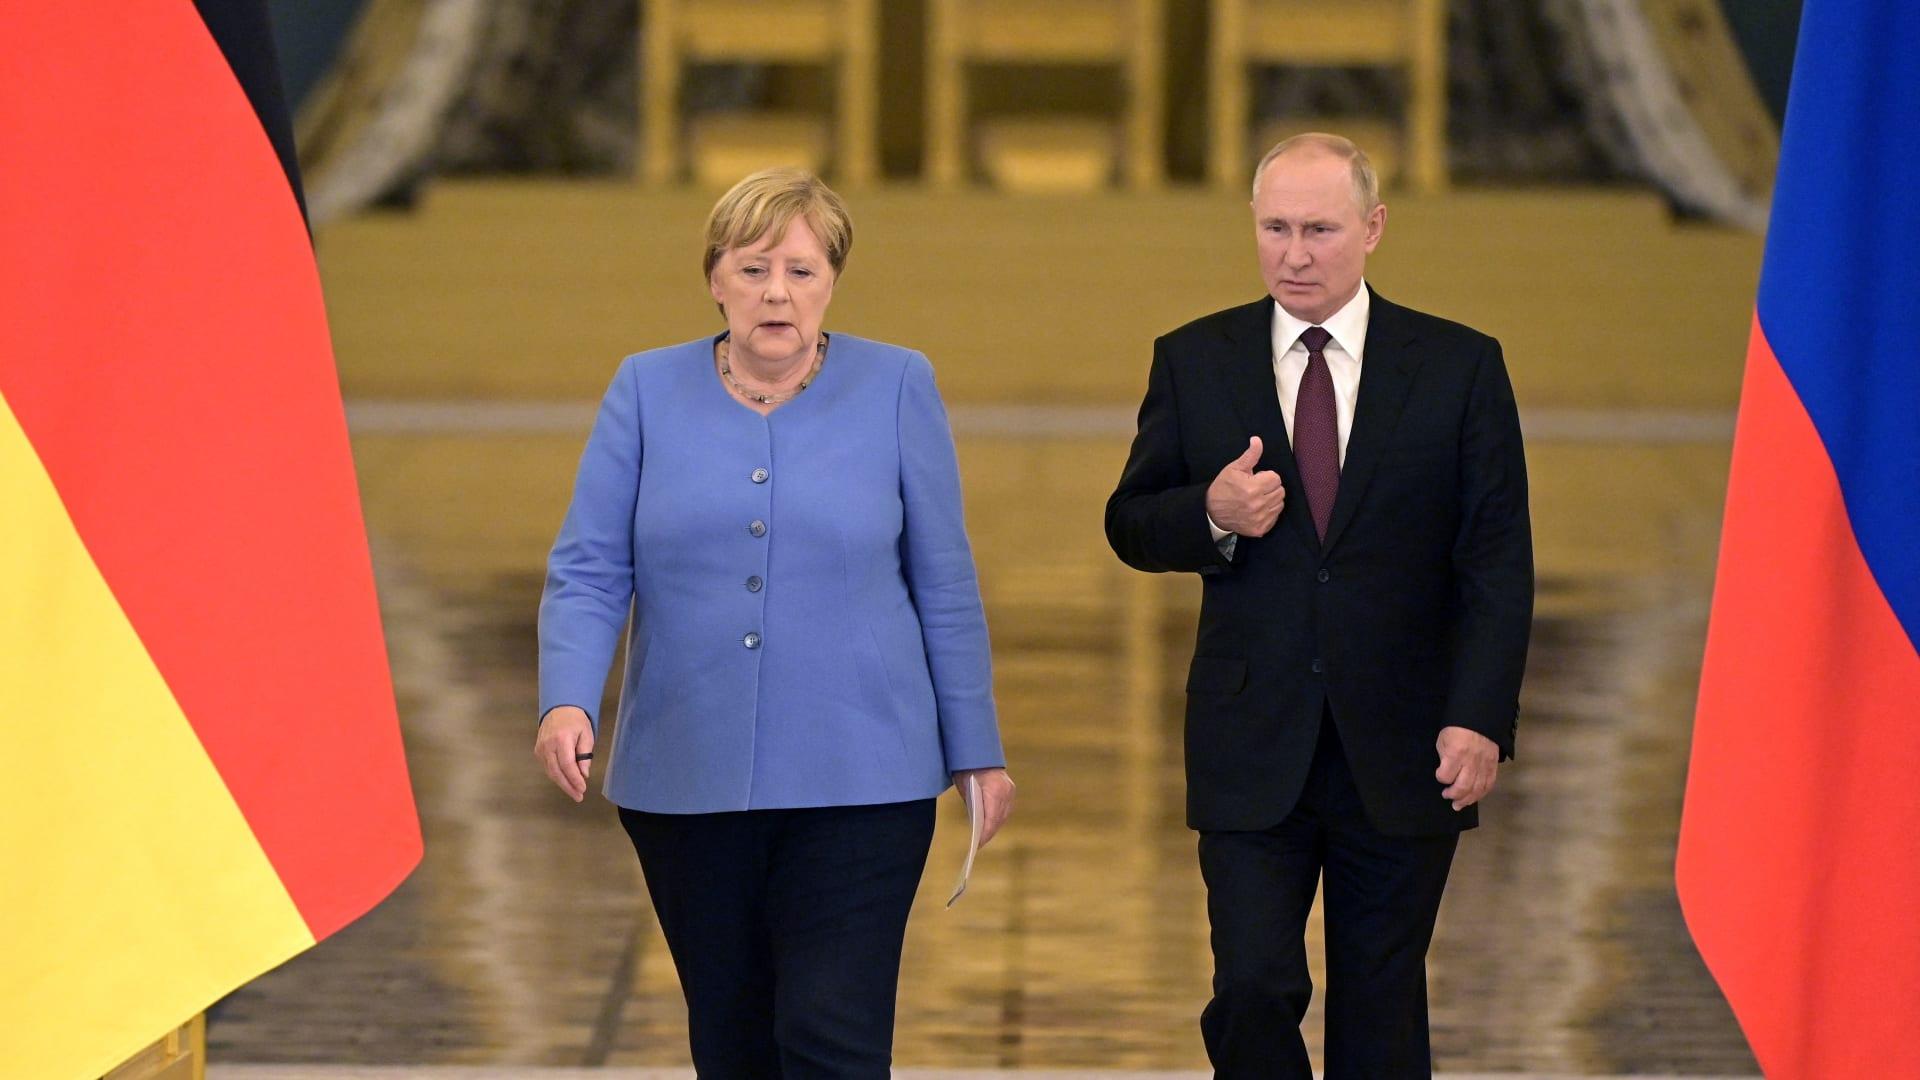 الرئيس الروسي فلايديمر بوتين والمستشارة الألمانية أنجيلا ميركل في موسكو